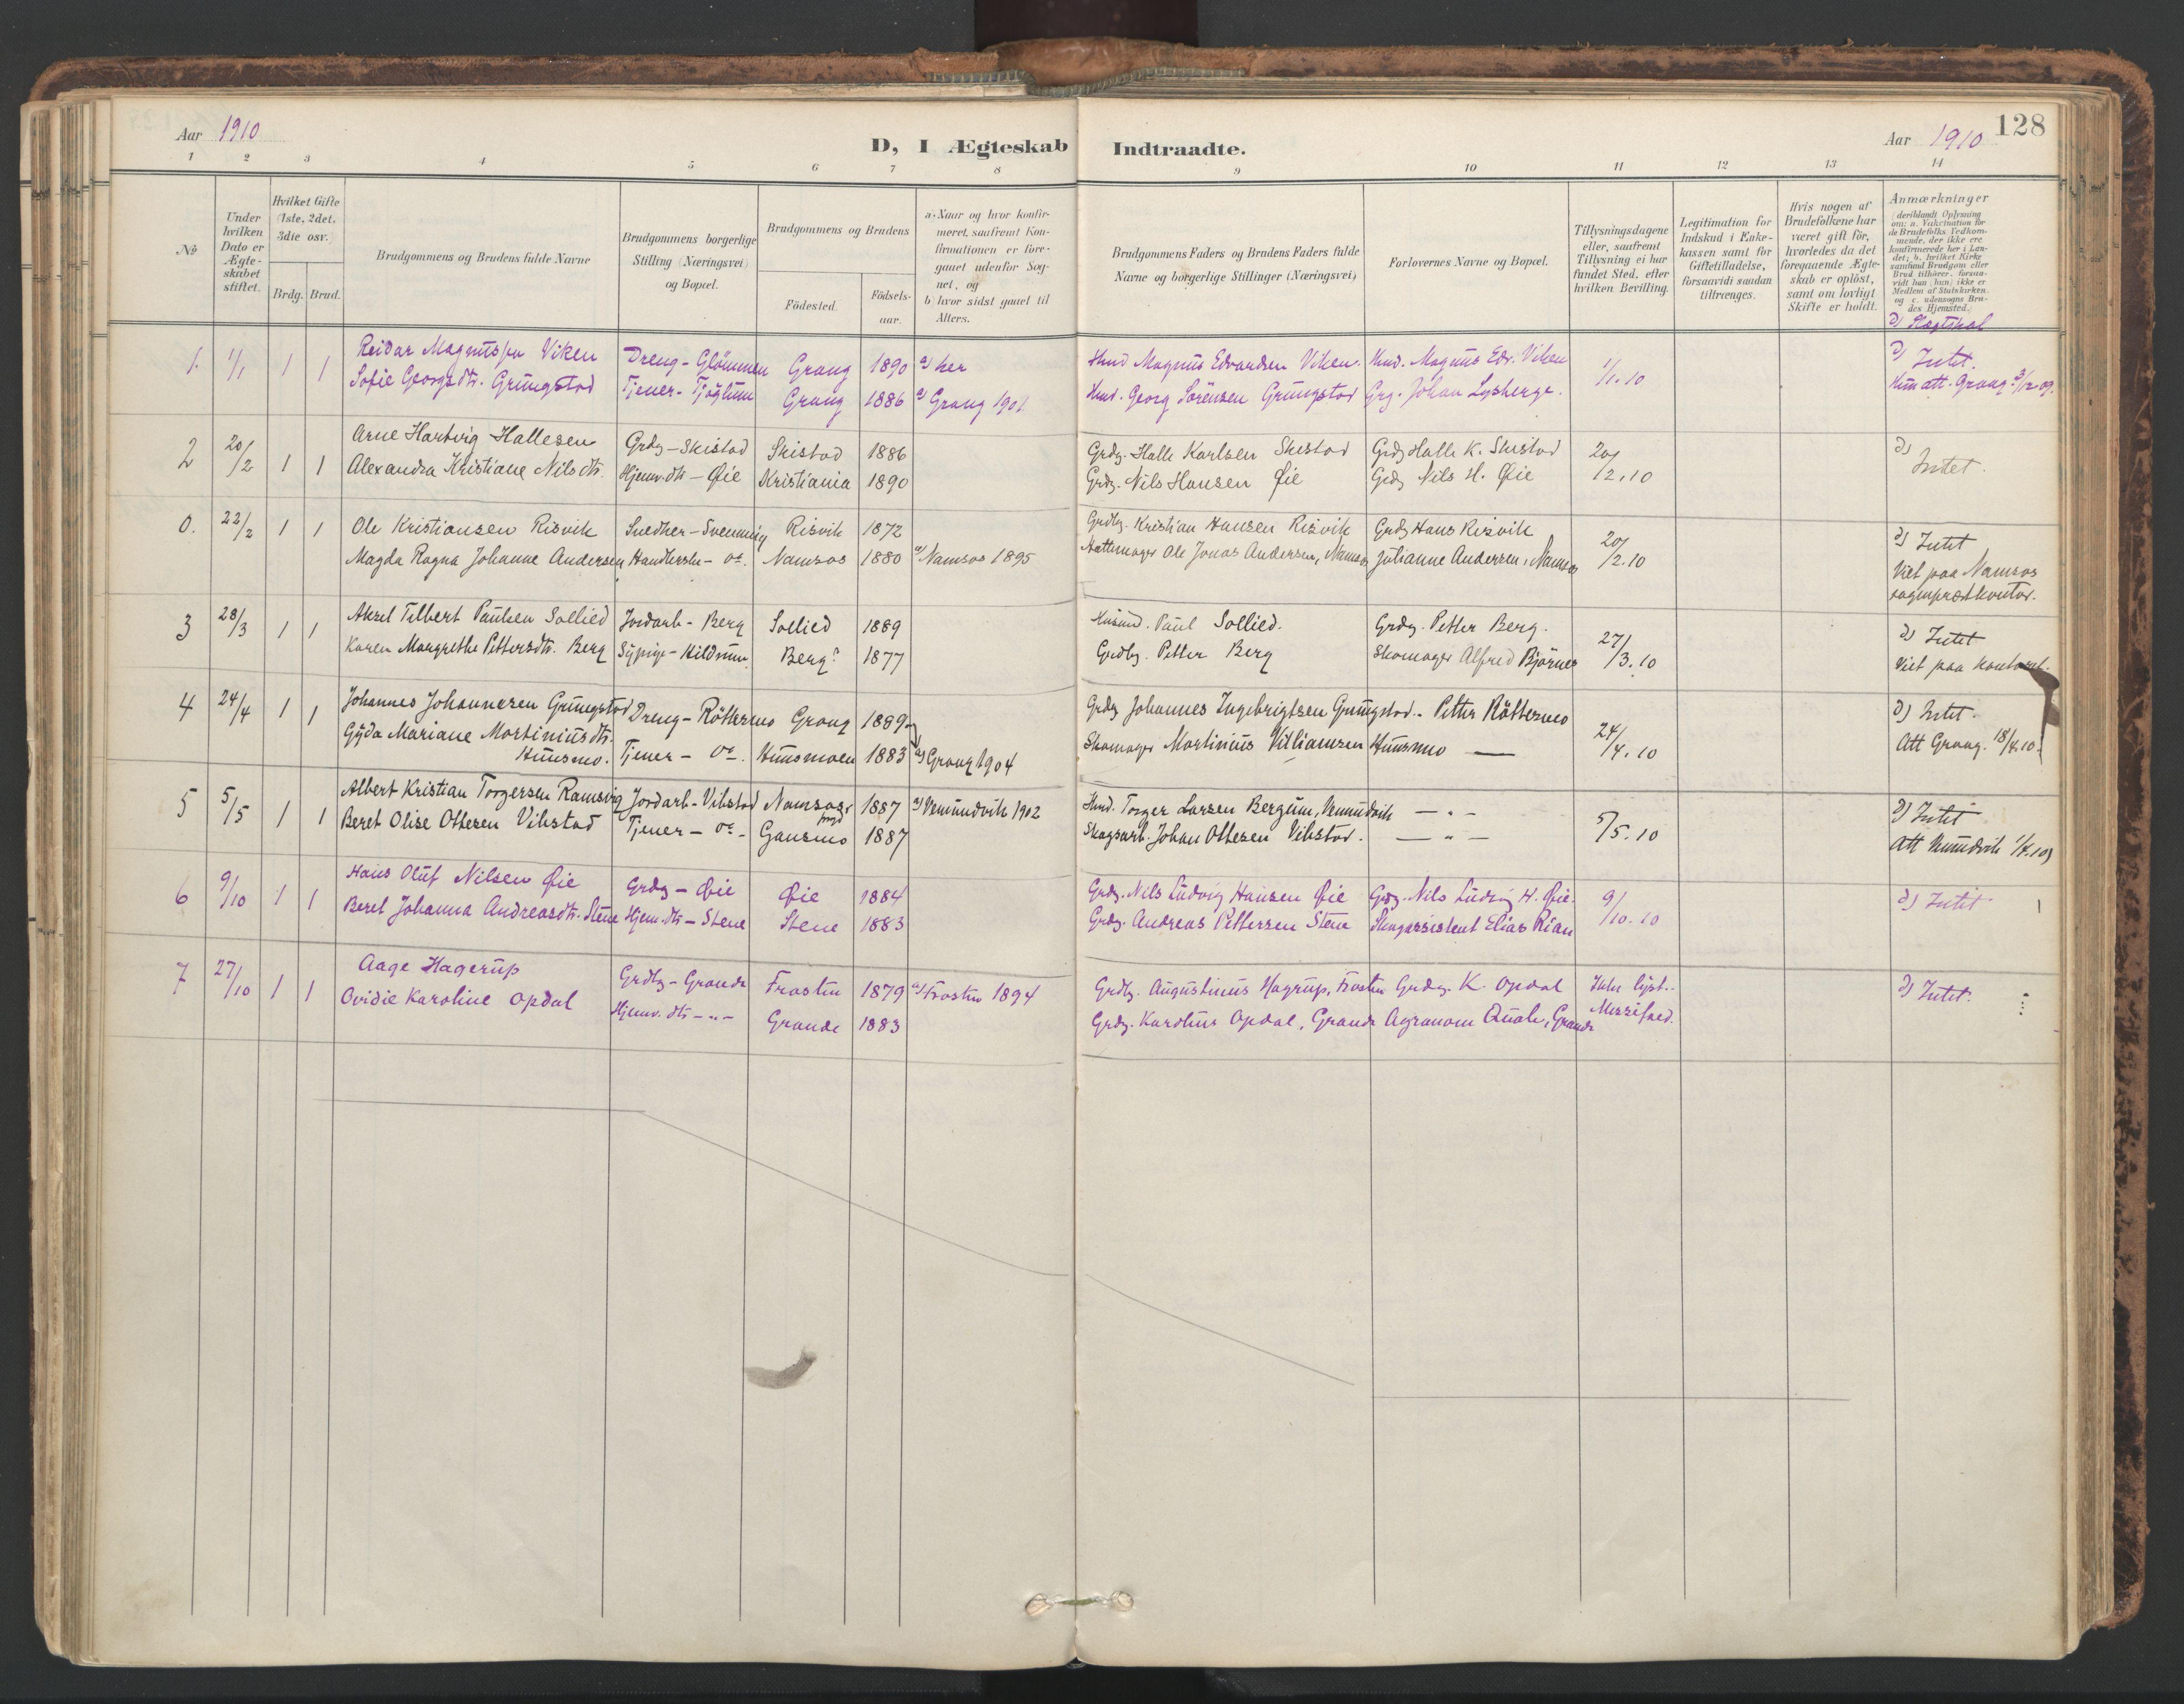 SAT, Ministerialprotokoller, klokkerbøker og fødselsregistre - Nord-Trøndelag, 764/L0556: Ministerialbok nr. 764A11, 1897-1924, s. 128